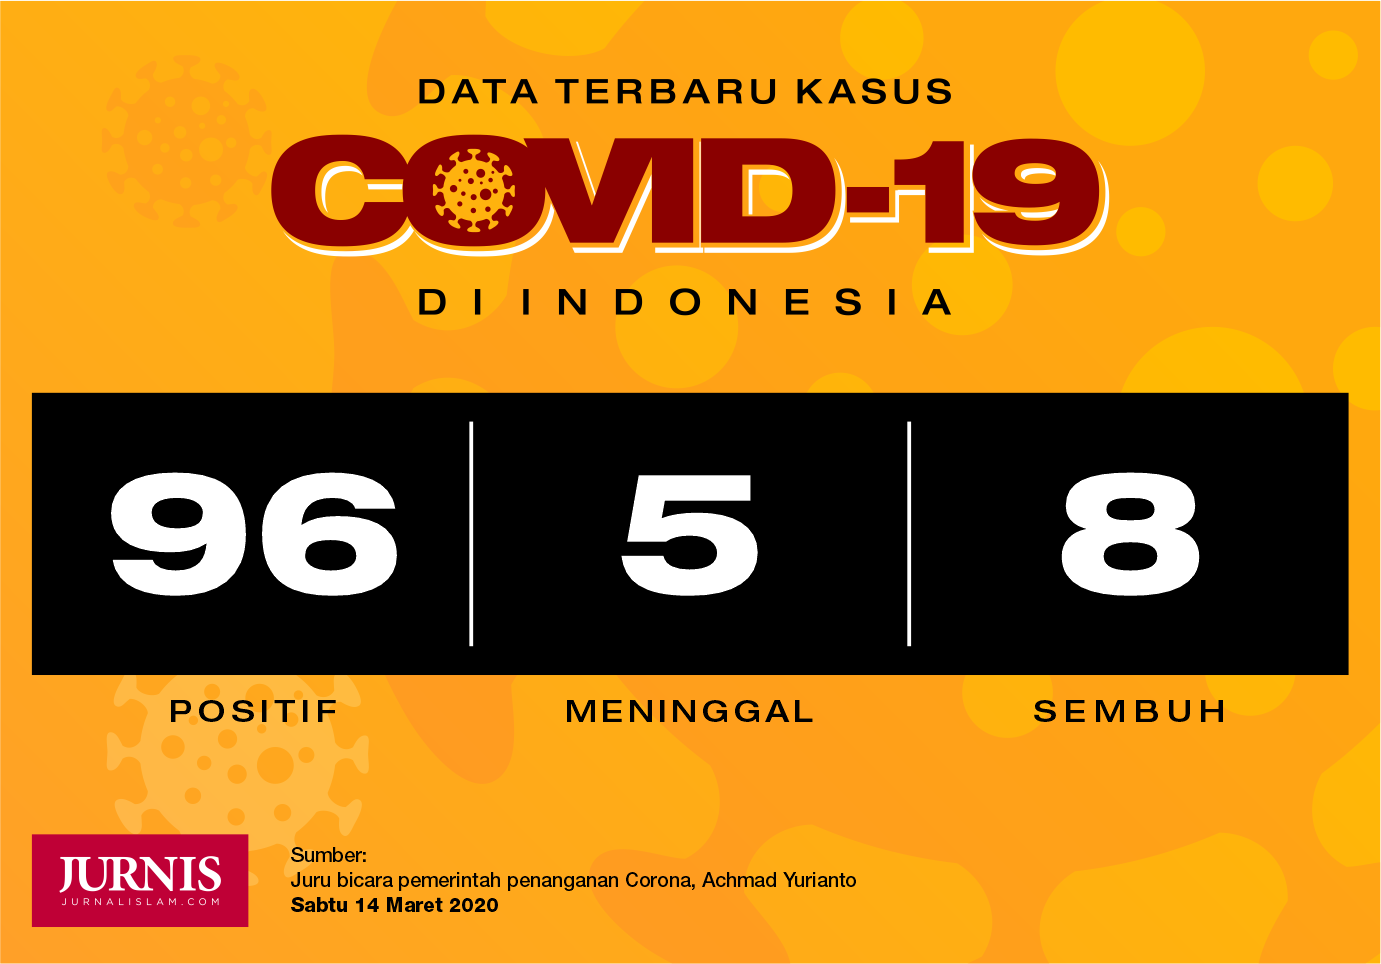 Data Terbaru Corona di Indonesia: 96 Positif, 5 Meninggal, 8 Sembuh